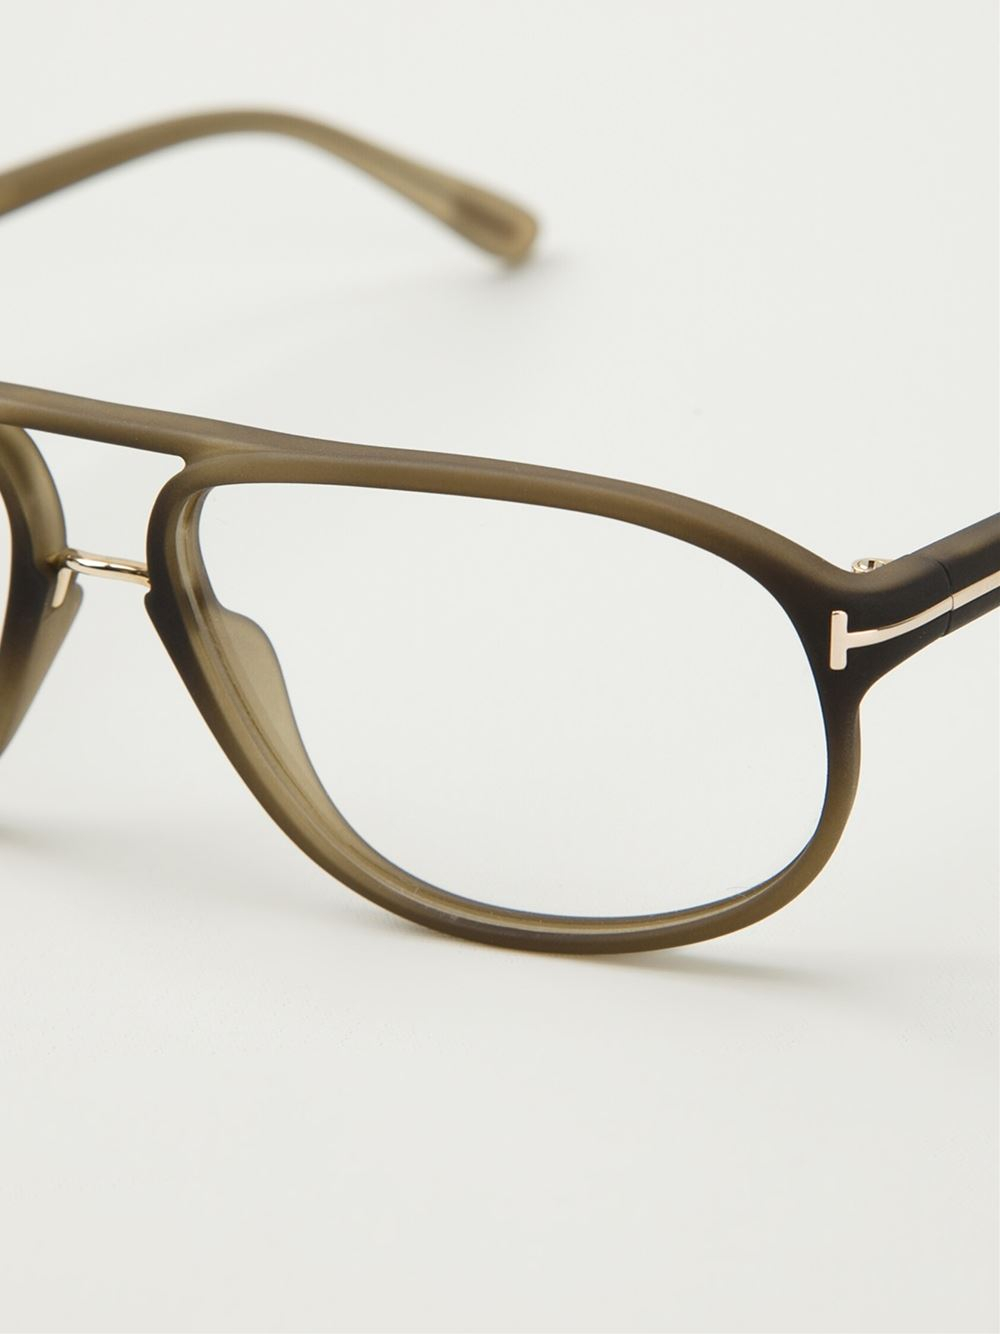 Glasses Gray Frame : Tom ford Round Frame Glasses in Gray for Men (grey) Lyst